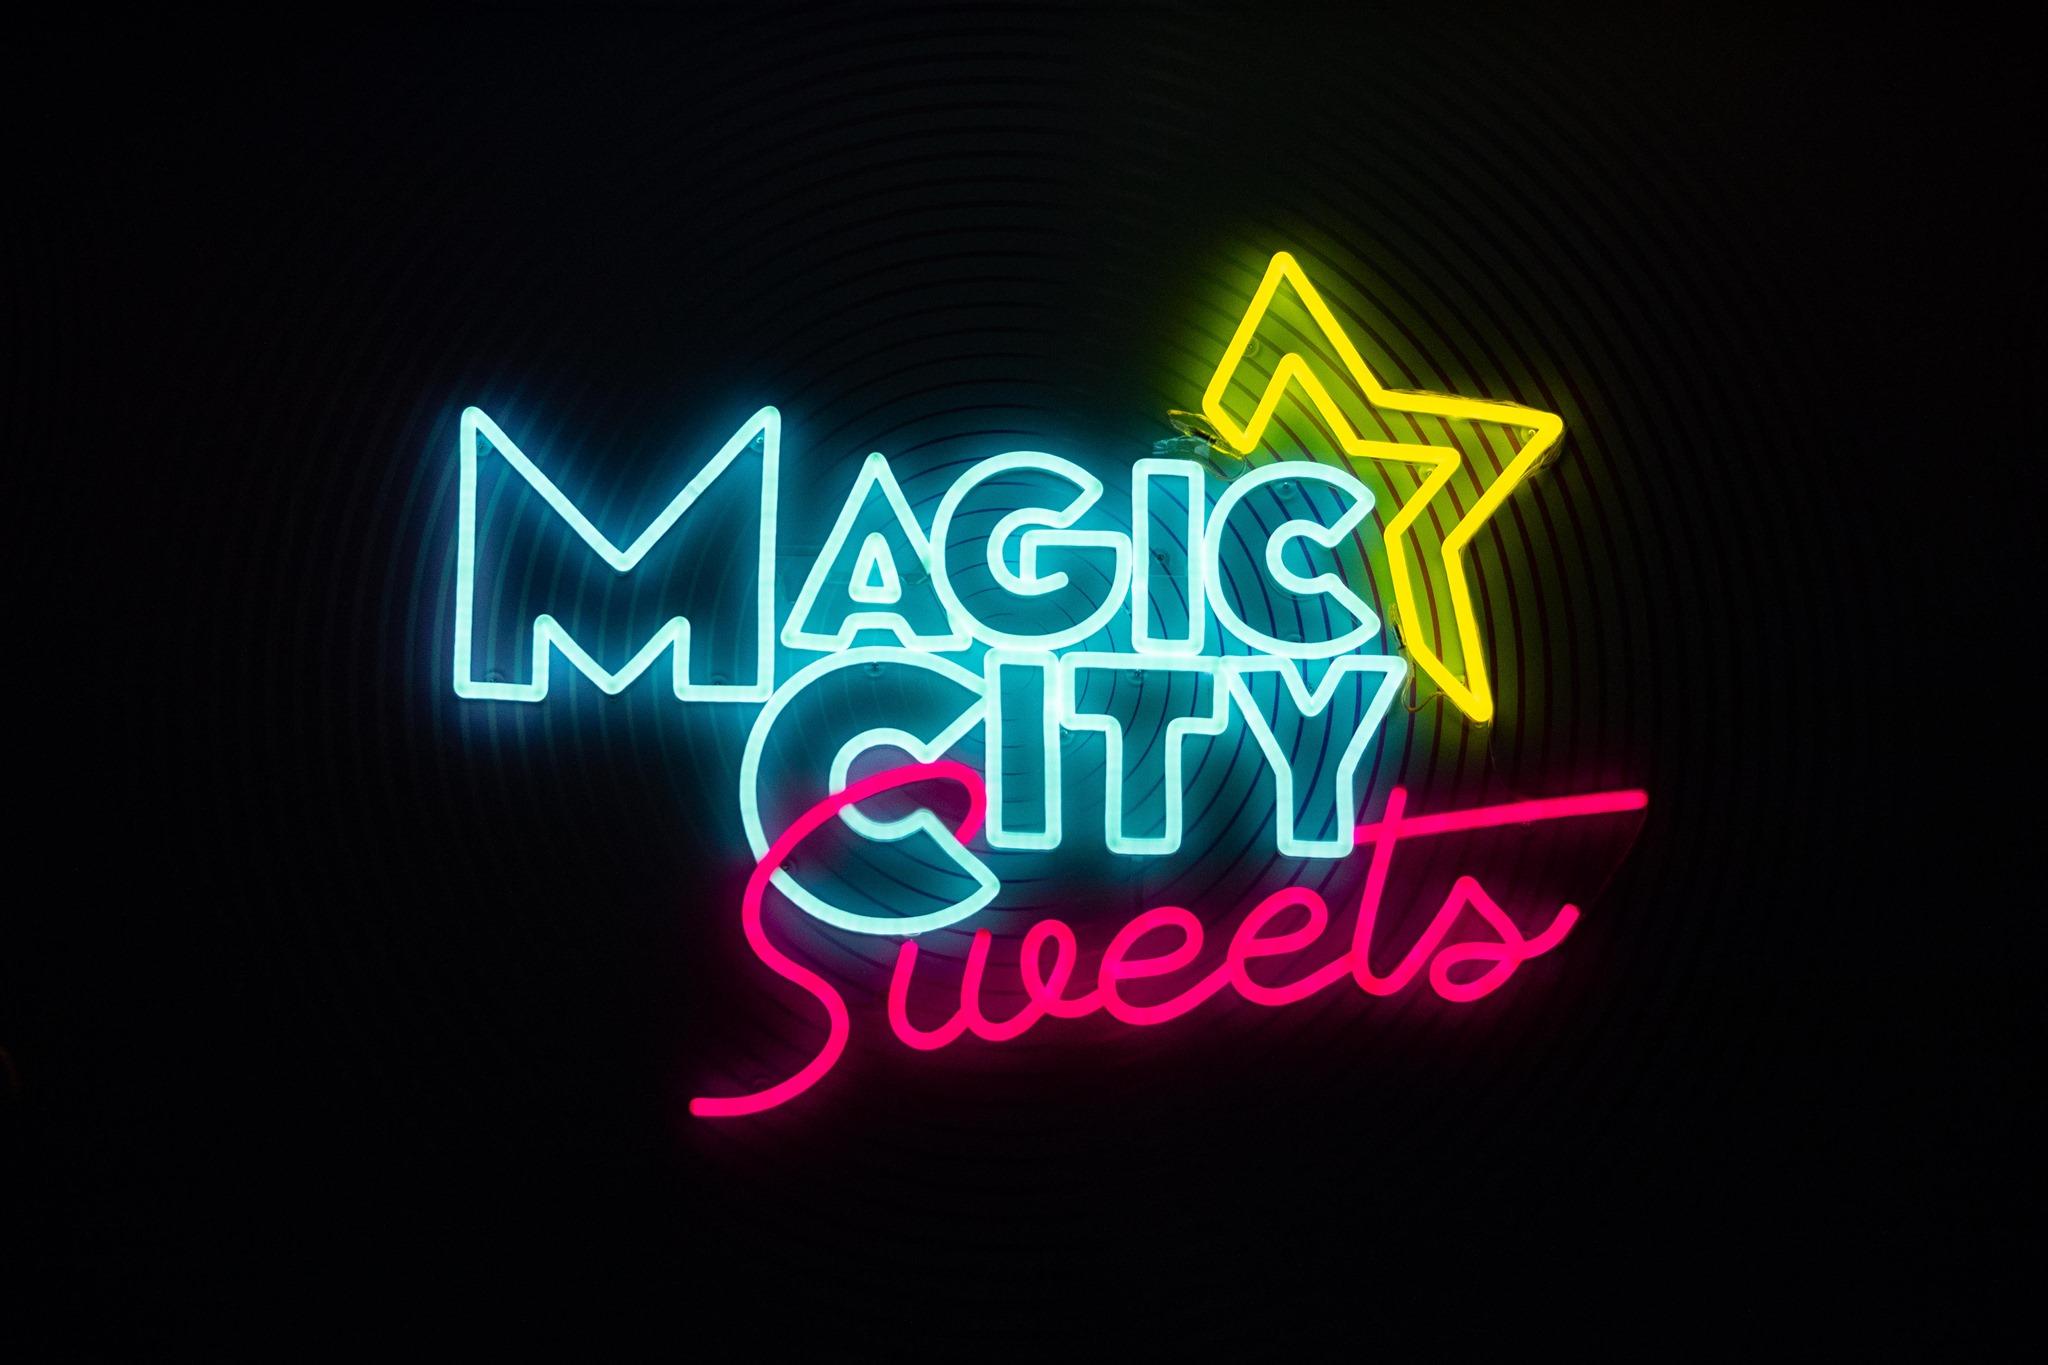 Magic City Sweets